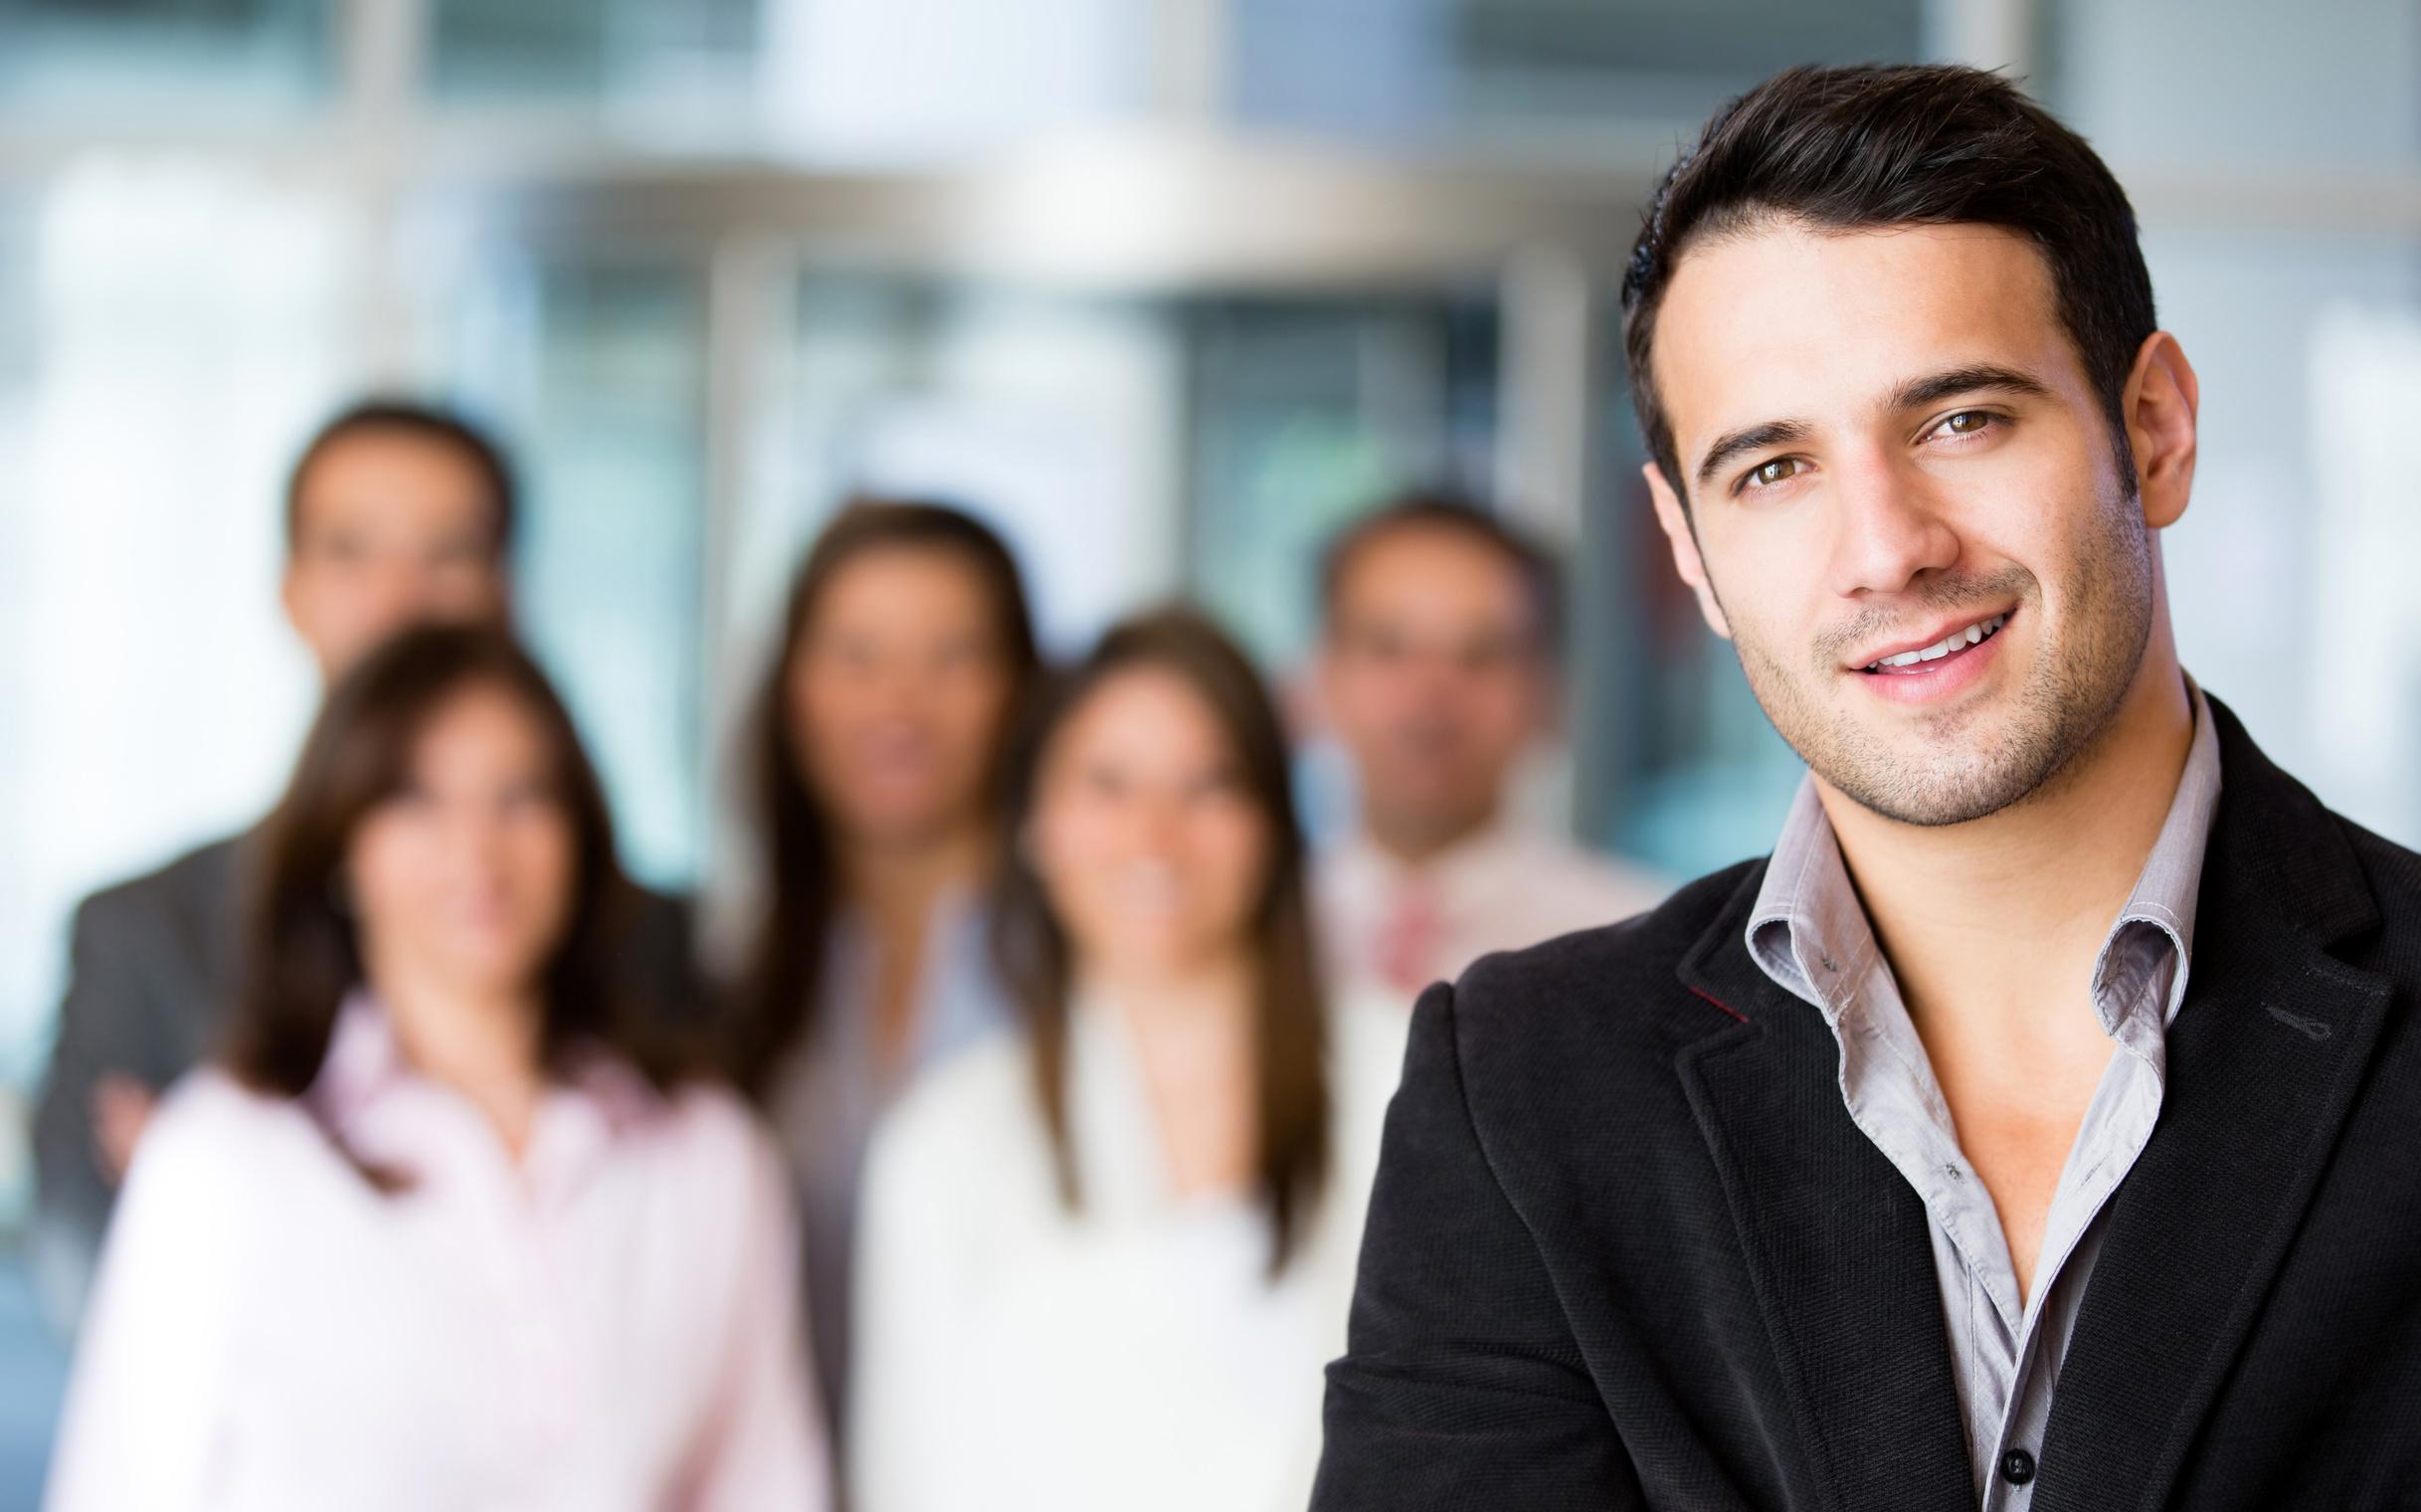 Умение налаживать контакты одно из наиболее важных качеств успешного карьериста